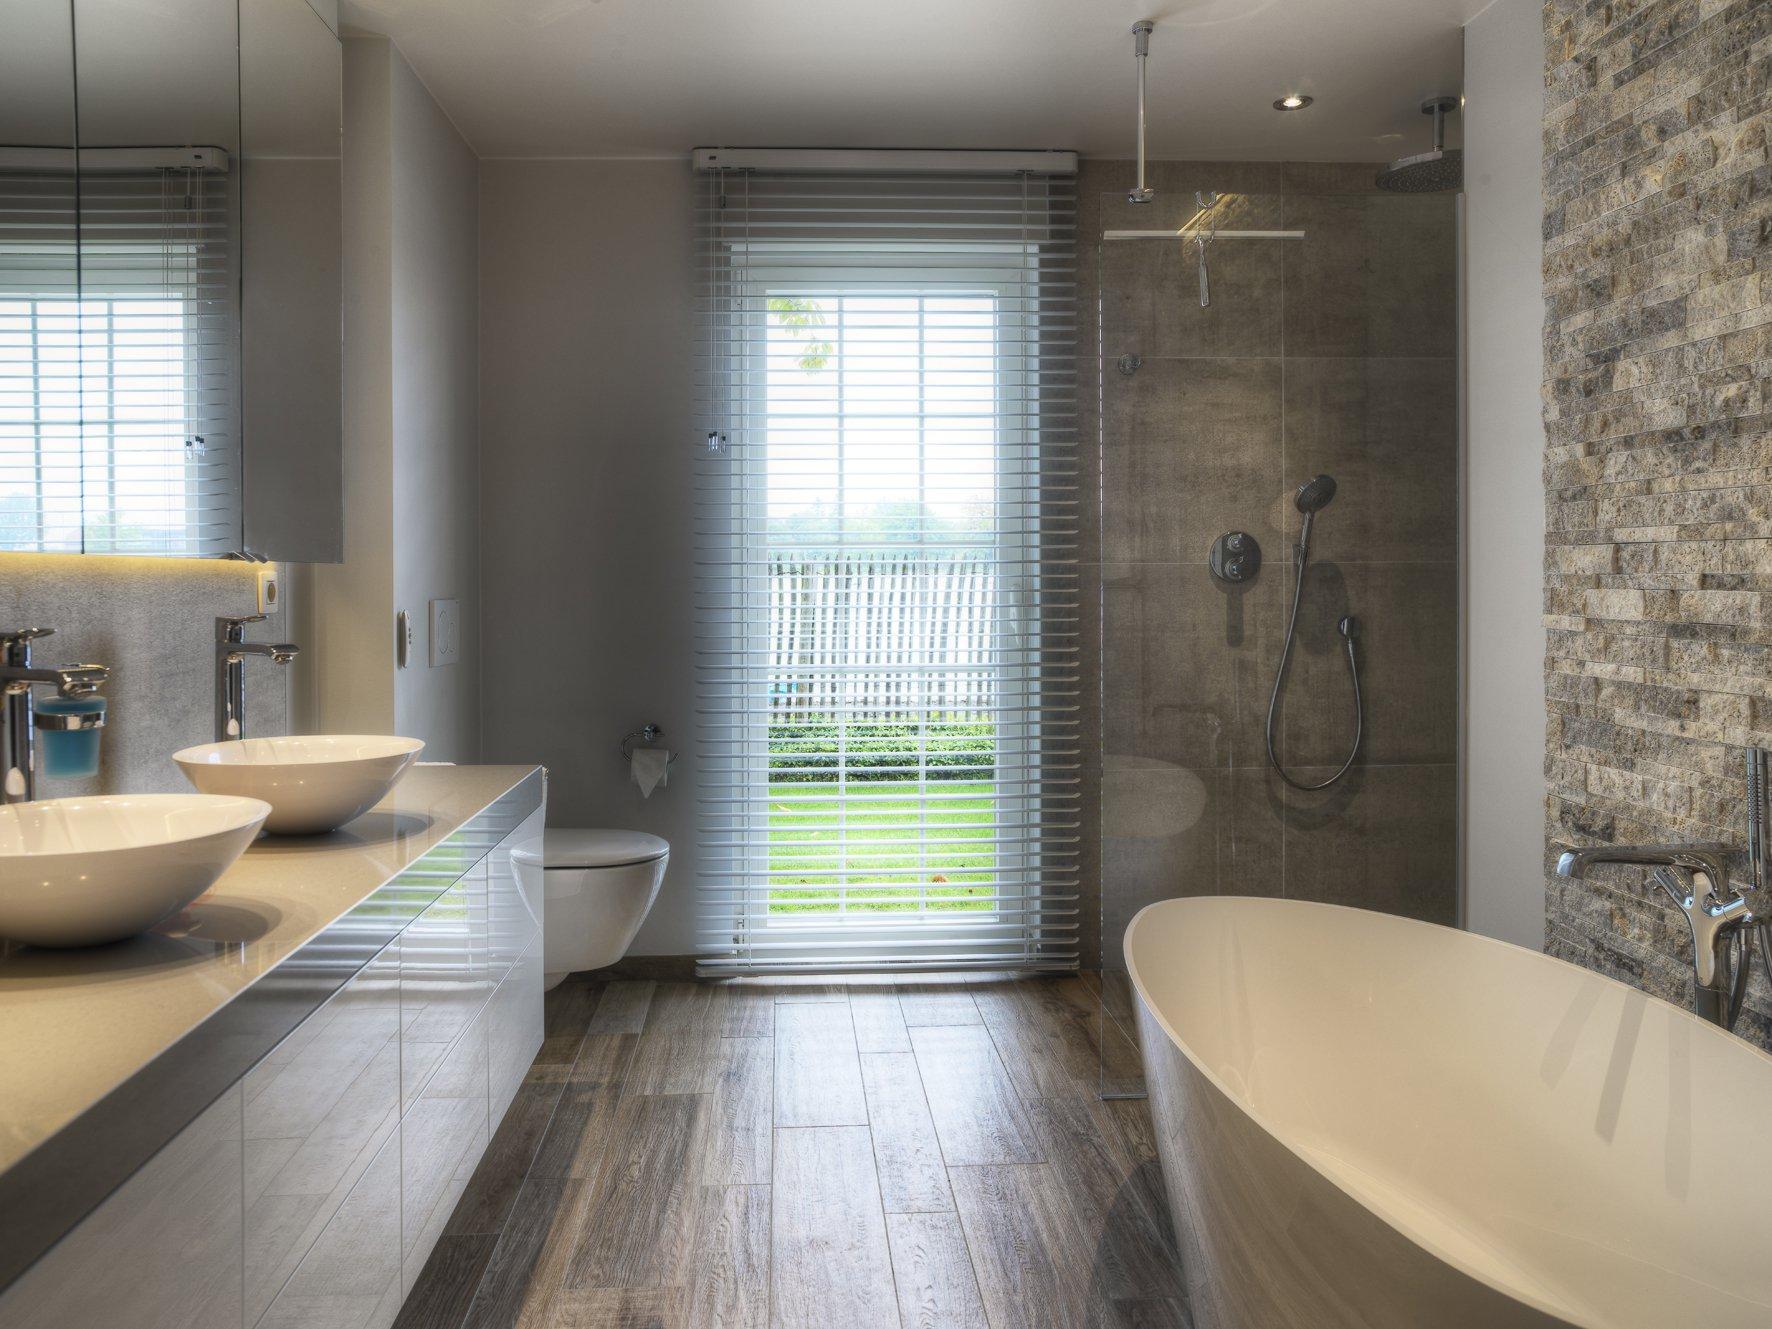 Assenti-badkamers-merk-Mijn-Bad-In-Stijl-badkamer-merken-1